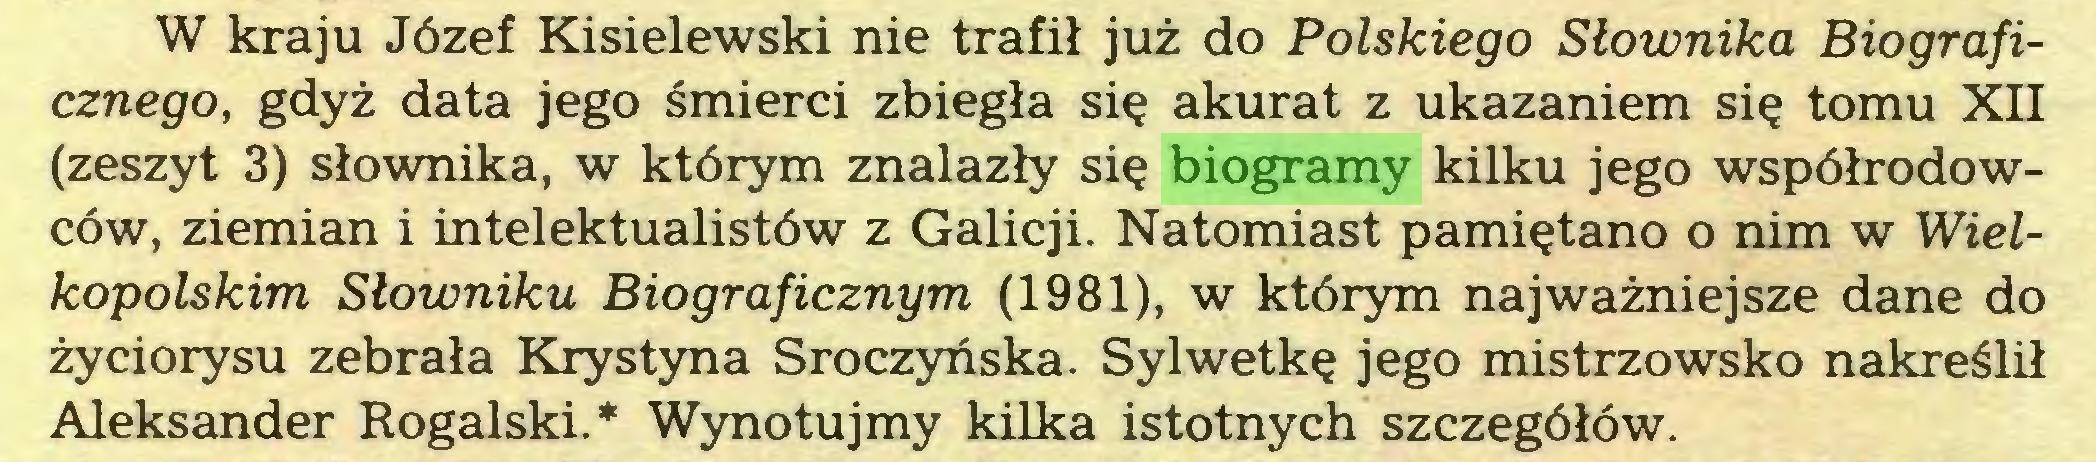 (...) W kraju Józef Kisielewski nie trafił już do Polskiego Słownika Biograficznego, gdyż data jego śmierci zbiegła się akurat z ukazaniem się tomu XII (zeszyt 3) słownika, w którym znalazły się biogramy kilku jego współrodowców, ziemian i intelektualistów z Galicji. Natomiast pamiętano o nim w Wielkopolskim Słowniku Biograficznym (1981), w którym najważniejsze dane do życiorysu zebrała Krystyna Sroczyńska. Sylwetkę jego mistrzowsko nakreślił Aleksander Rogalski.* Wynotujmy kilka istotnych szczegółów...